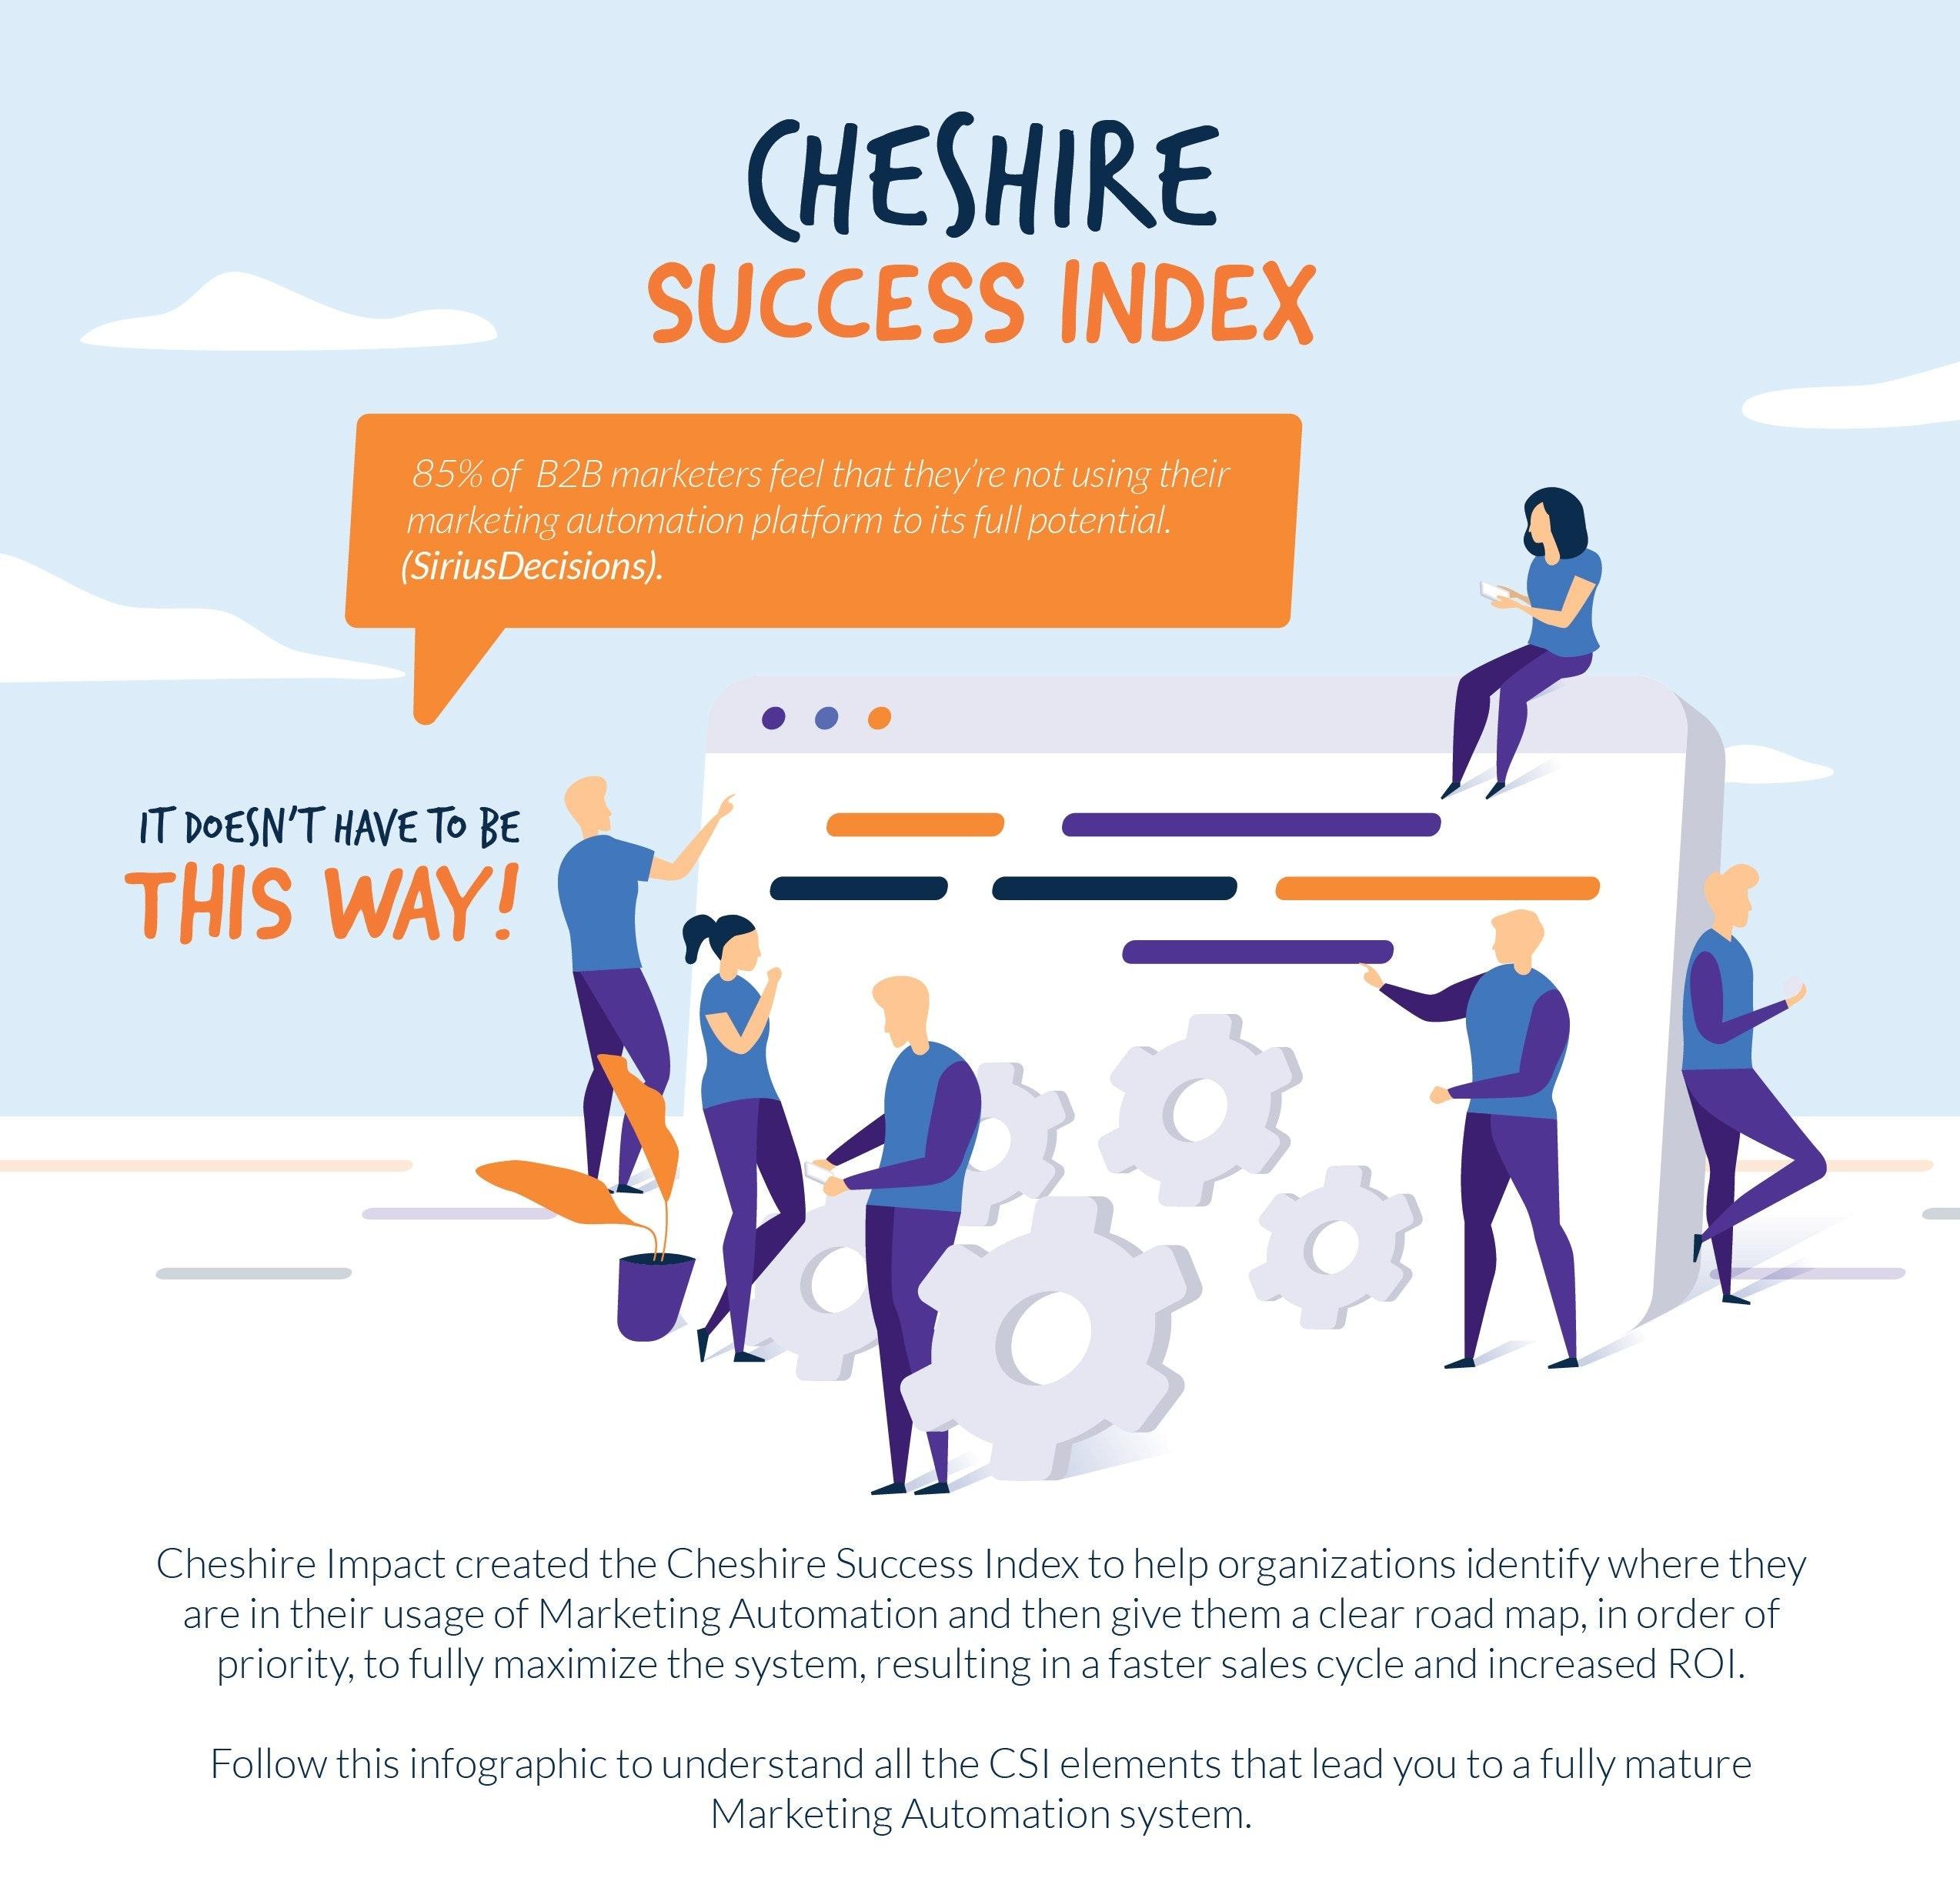 Cheshire Success Index illustration